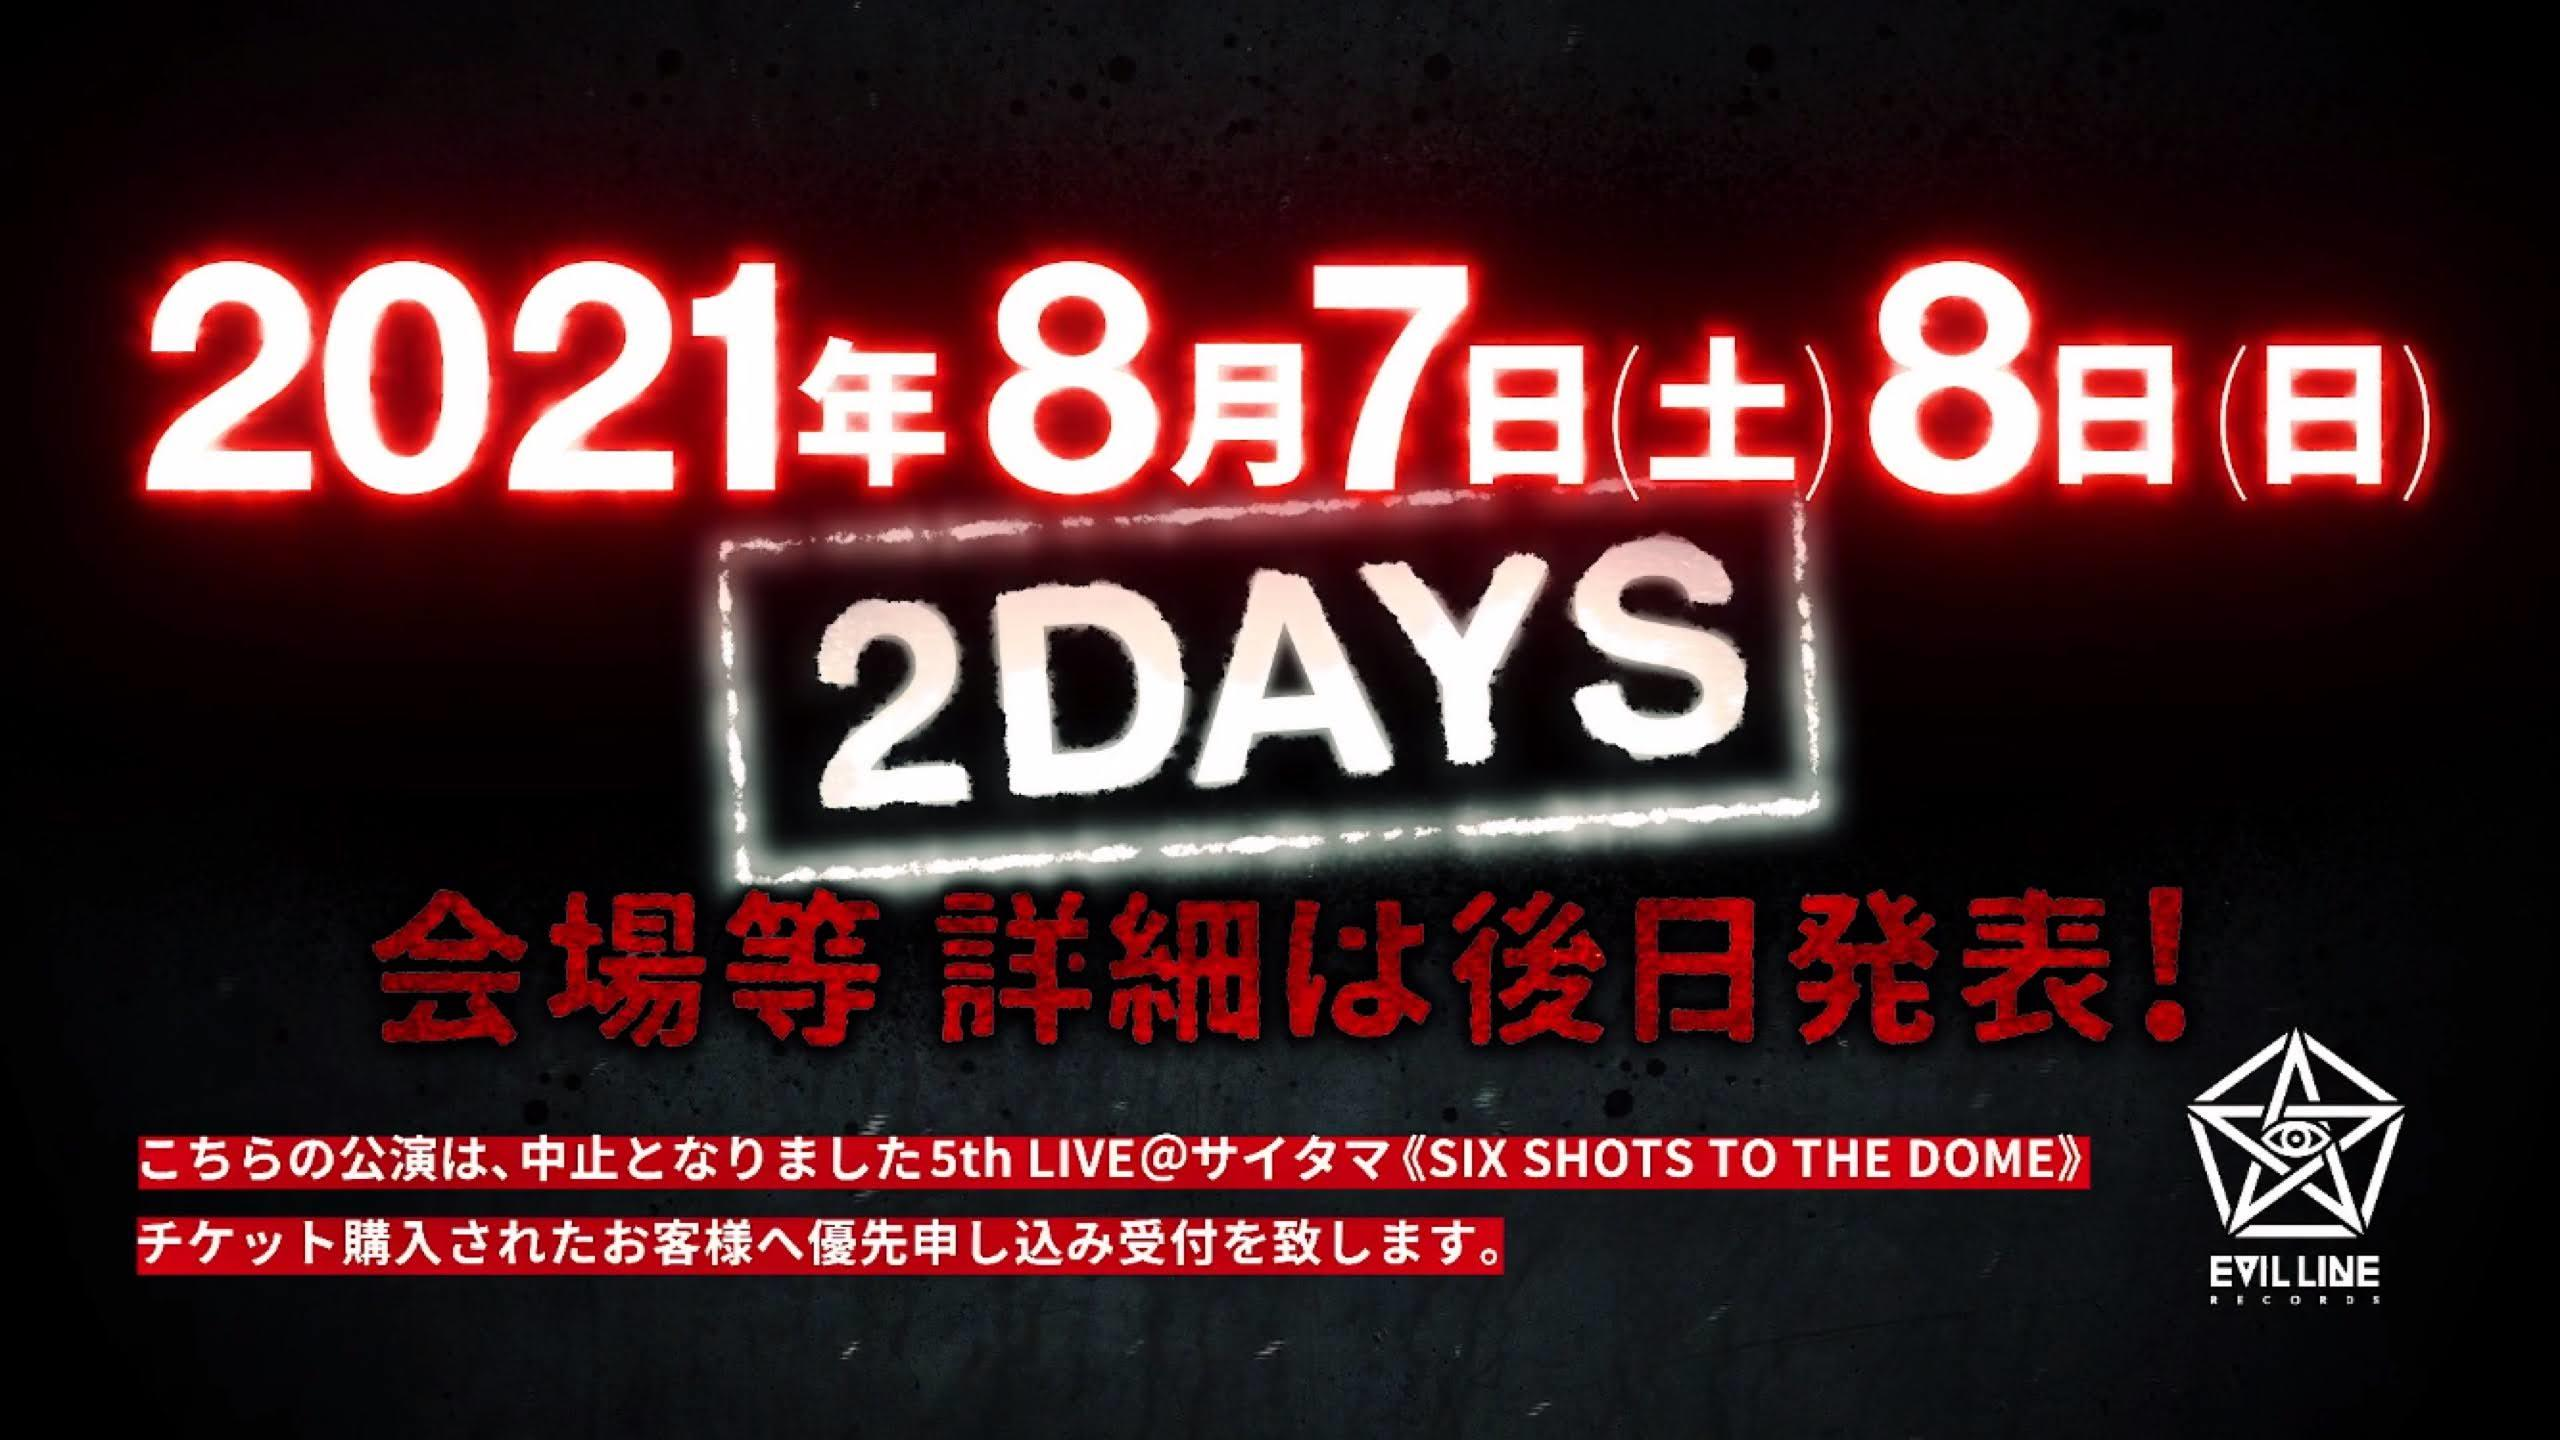 「ヒプノシスマイク -Division Rap Battle- 5th LIVE@サイタマ《SIX SHOTS TO THE DOME》」リベンジ公演が決定